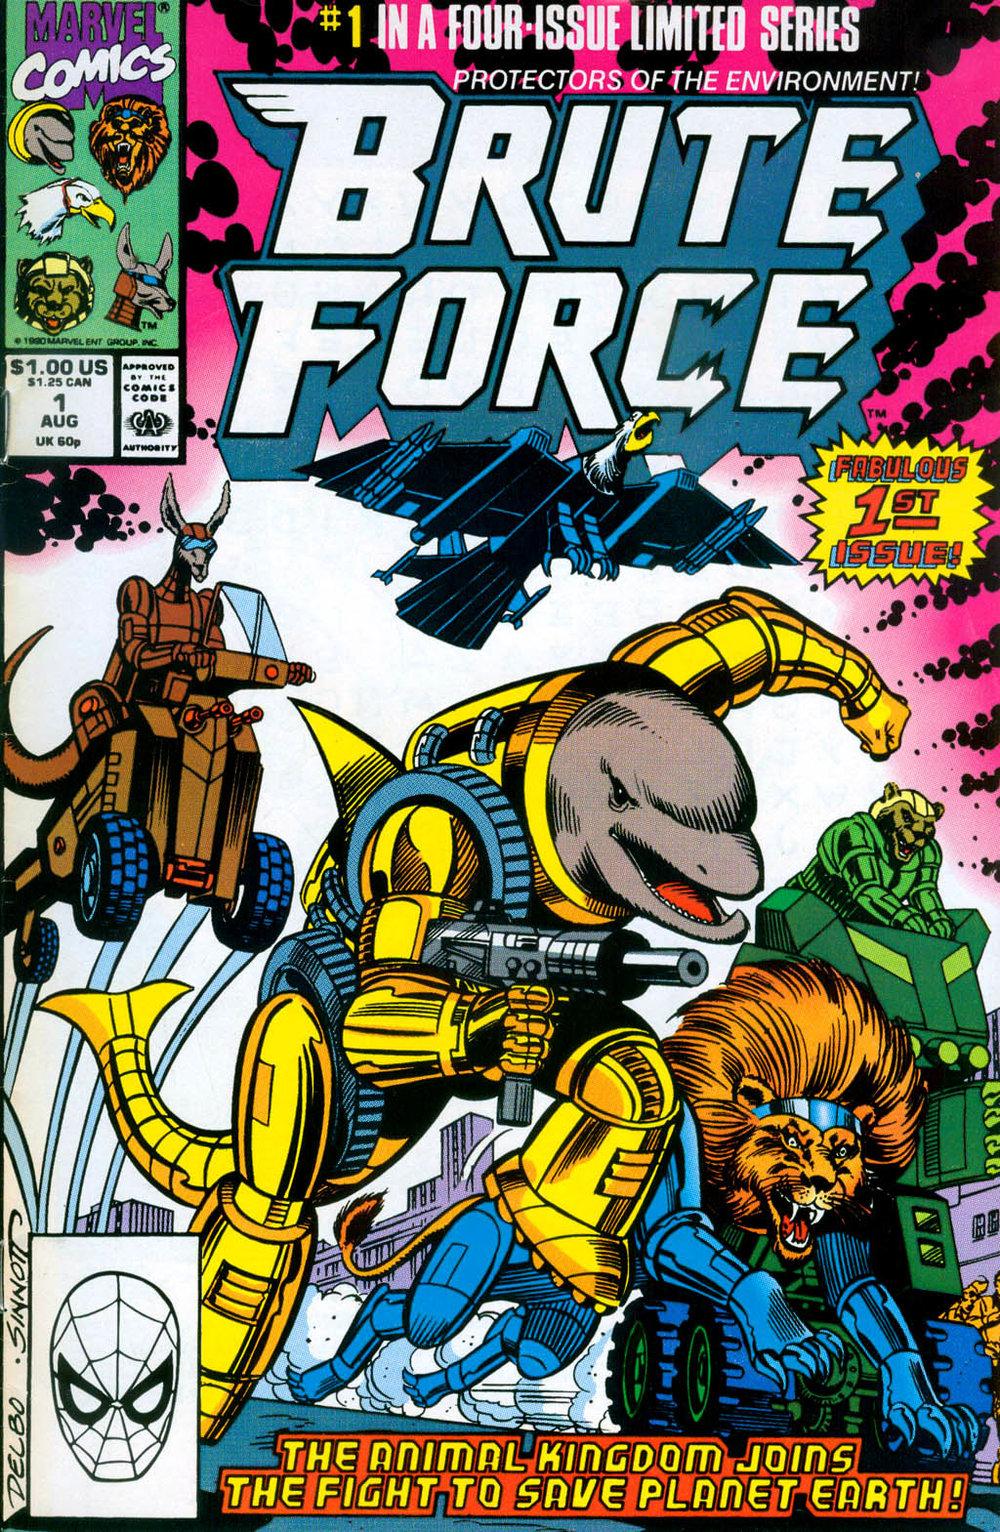 Brute Force (1990) #1, cover penciled by Jose Delbo & inked by Joe Sinnott.